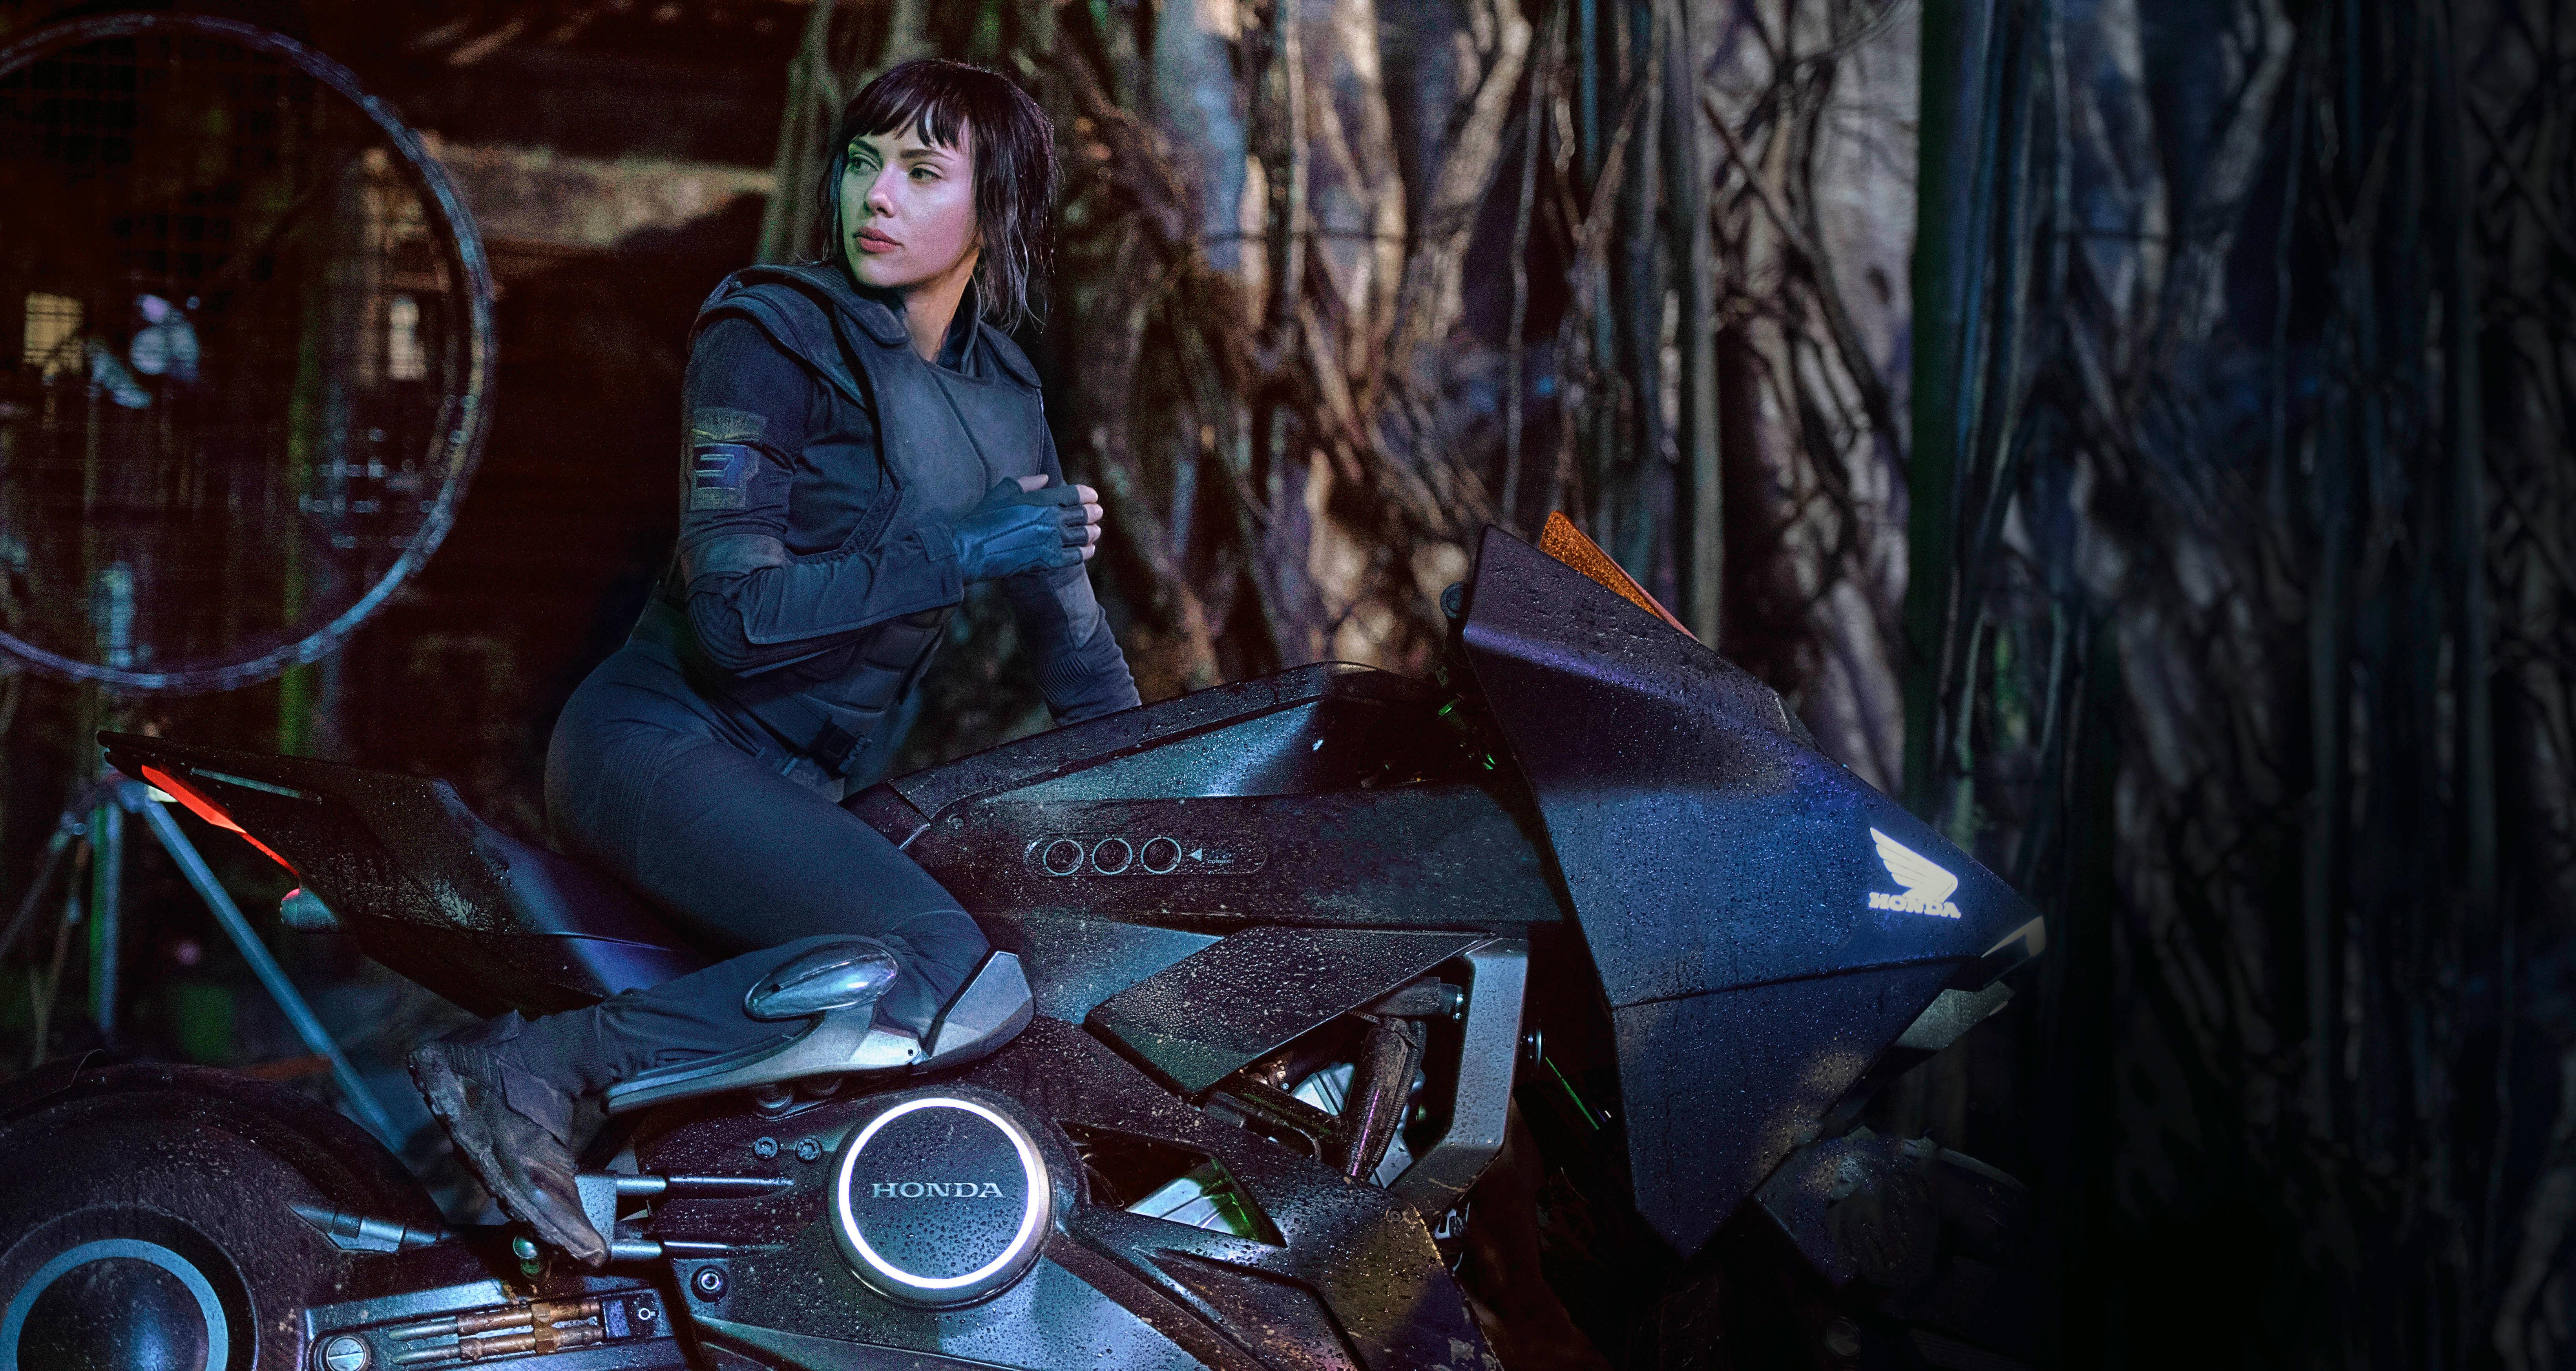 Scarlett Johansson In Ghost In The Shell 5k, HD Movies, 4k